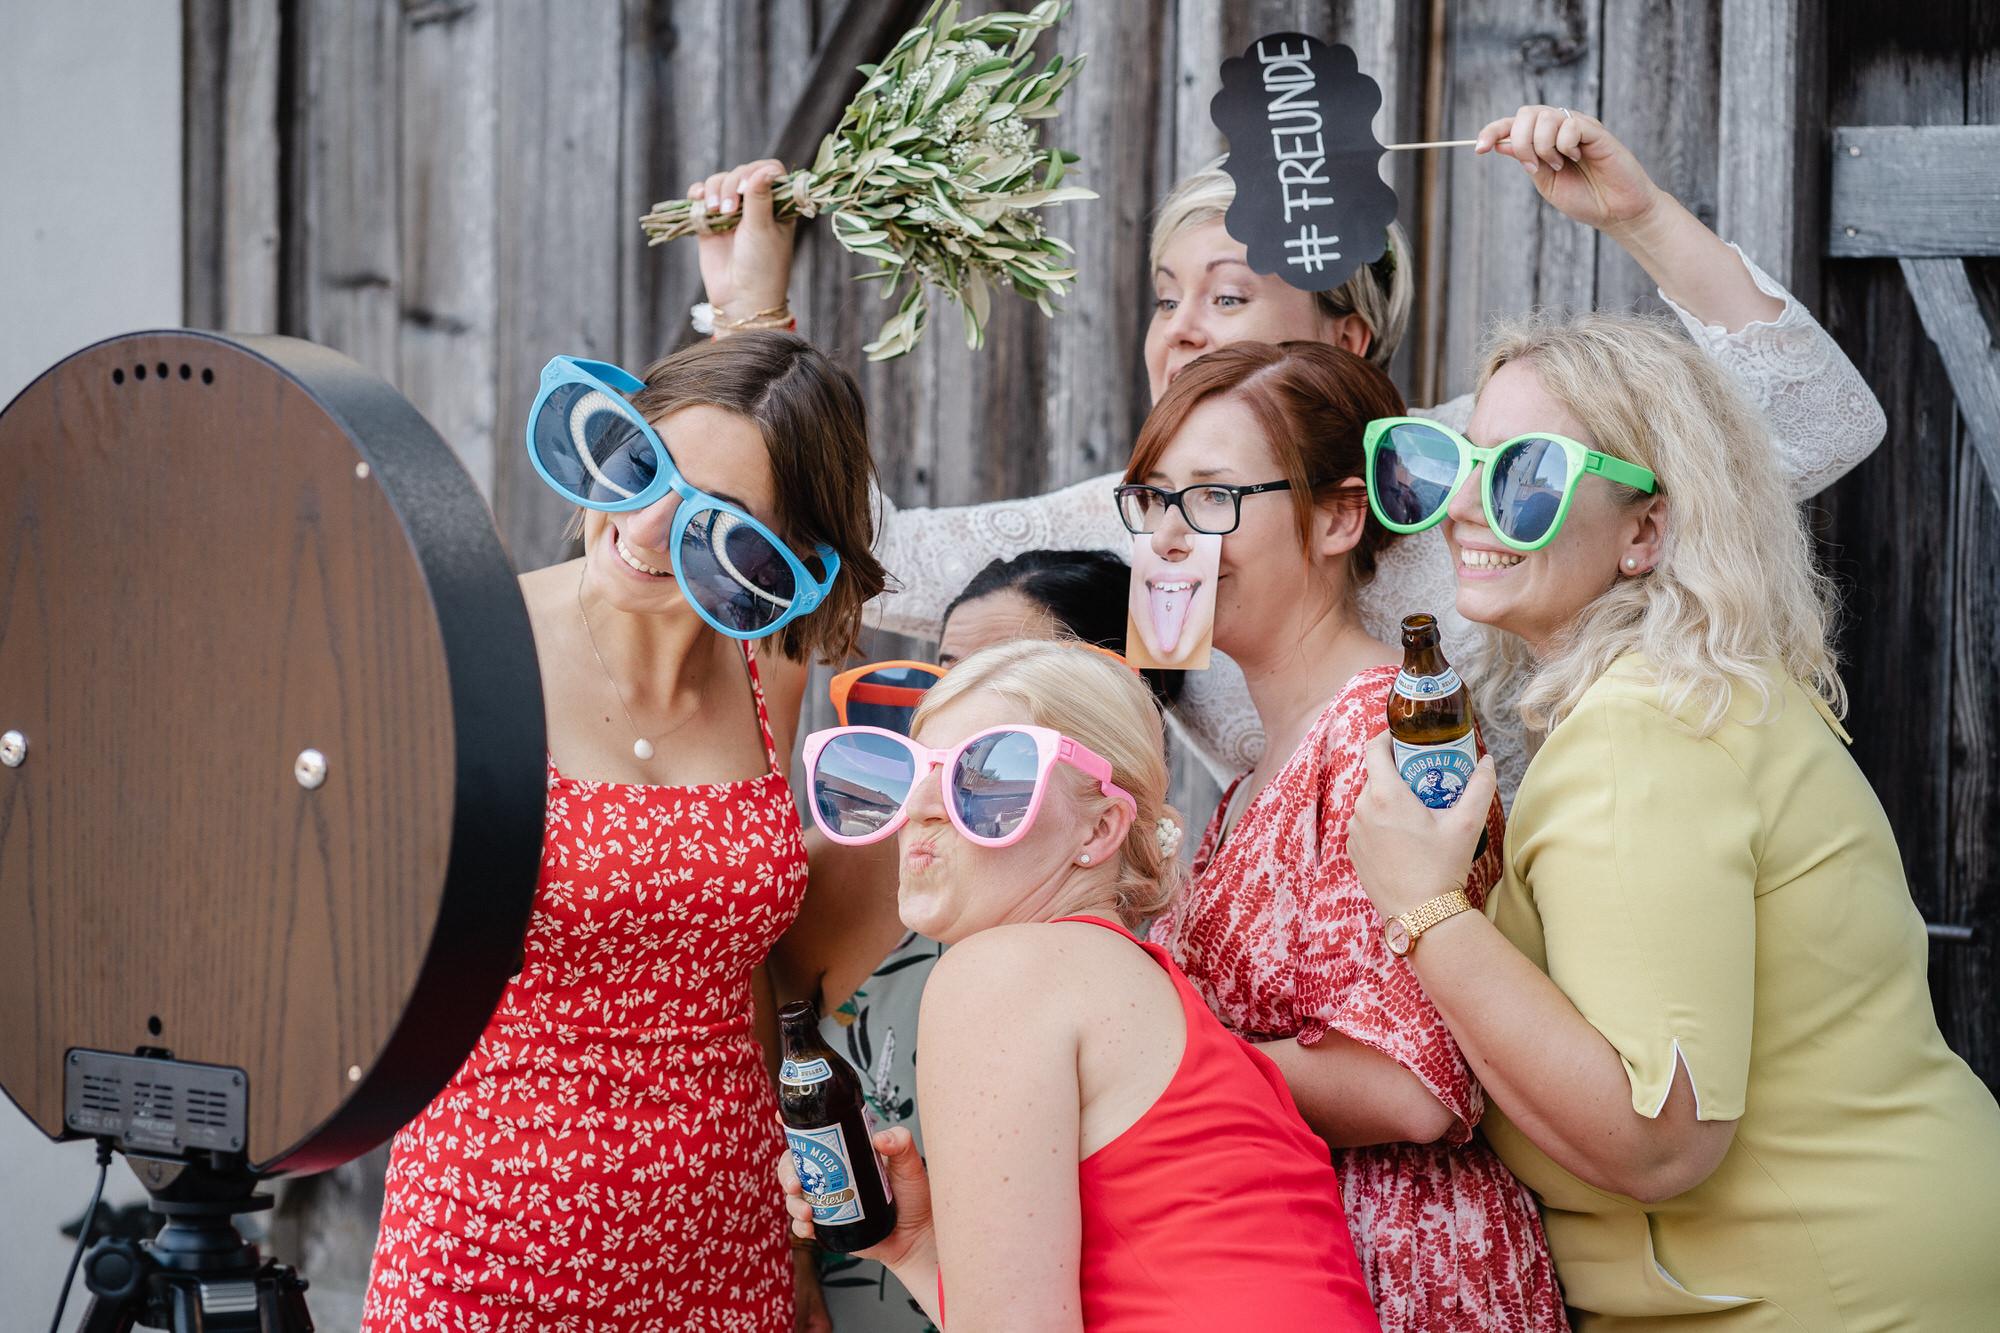 Hochzeitsgäste posieren vor der GIFMeMotion-Fotobox